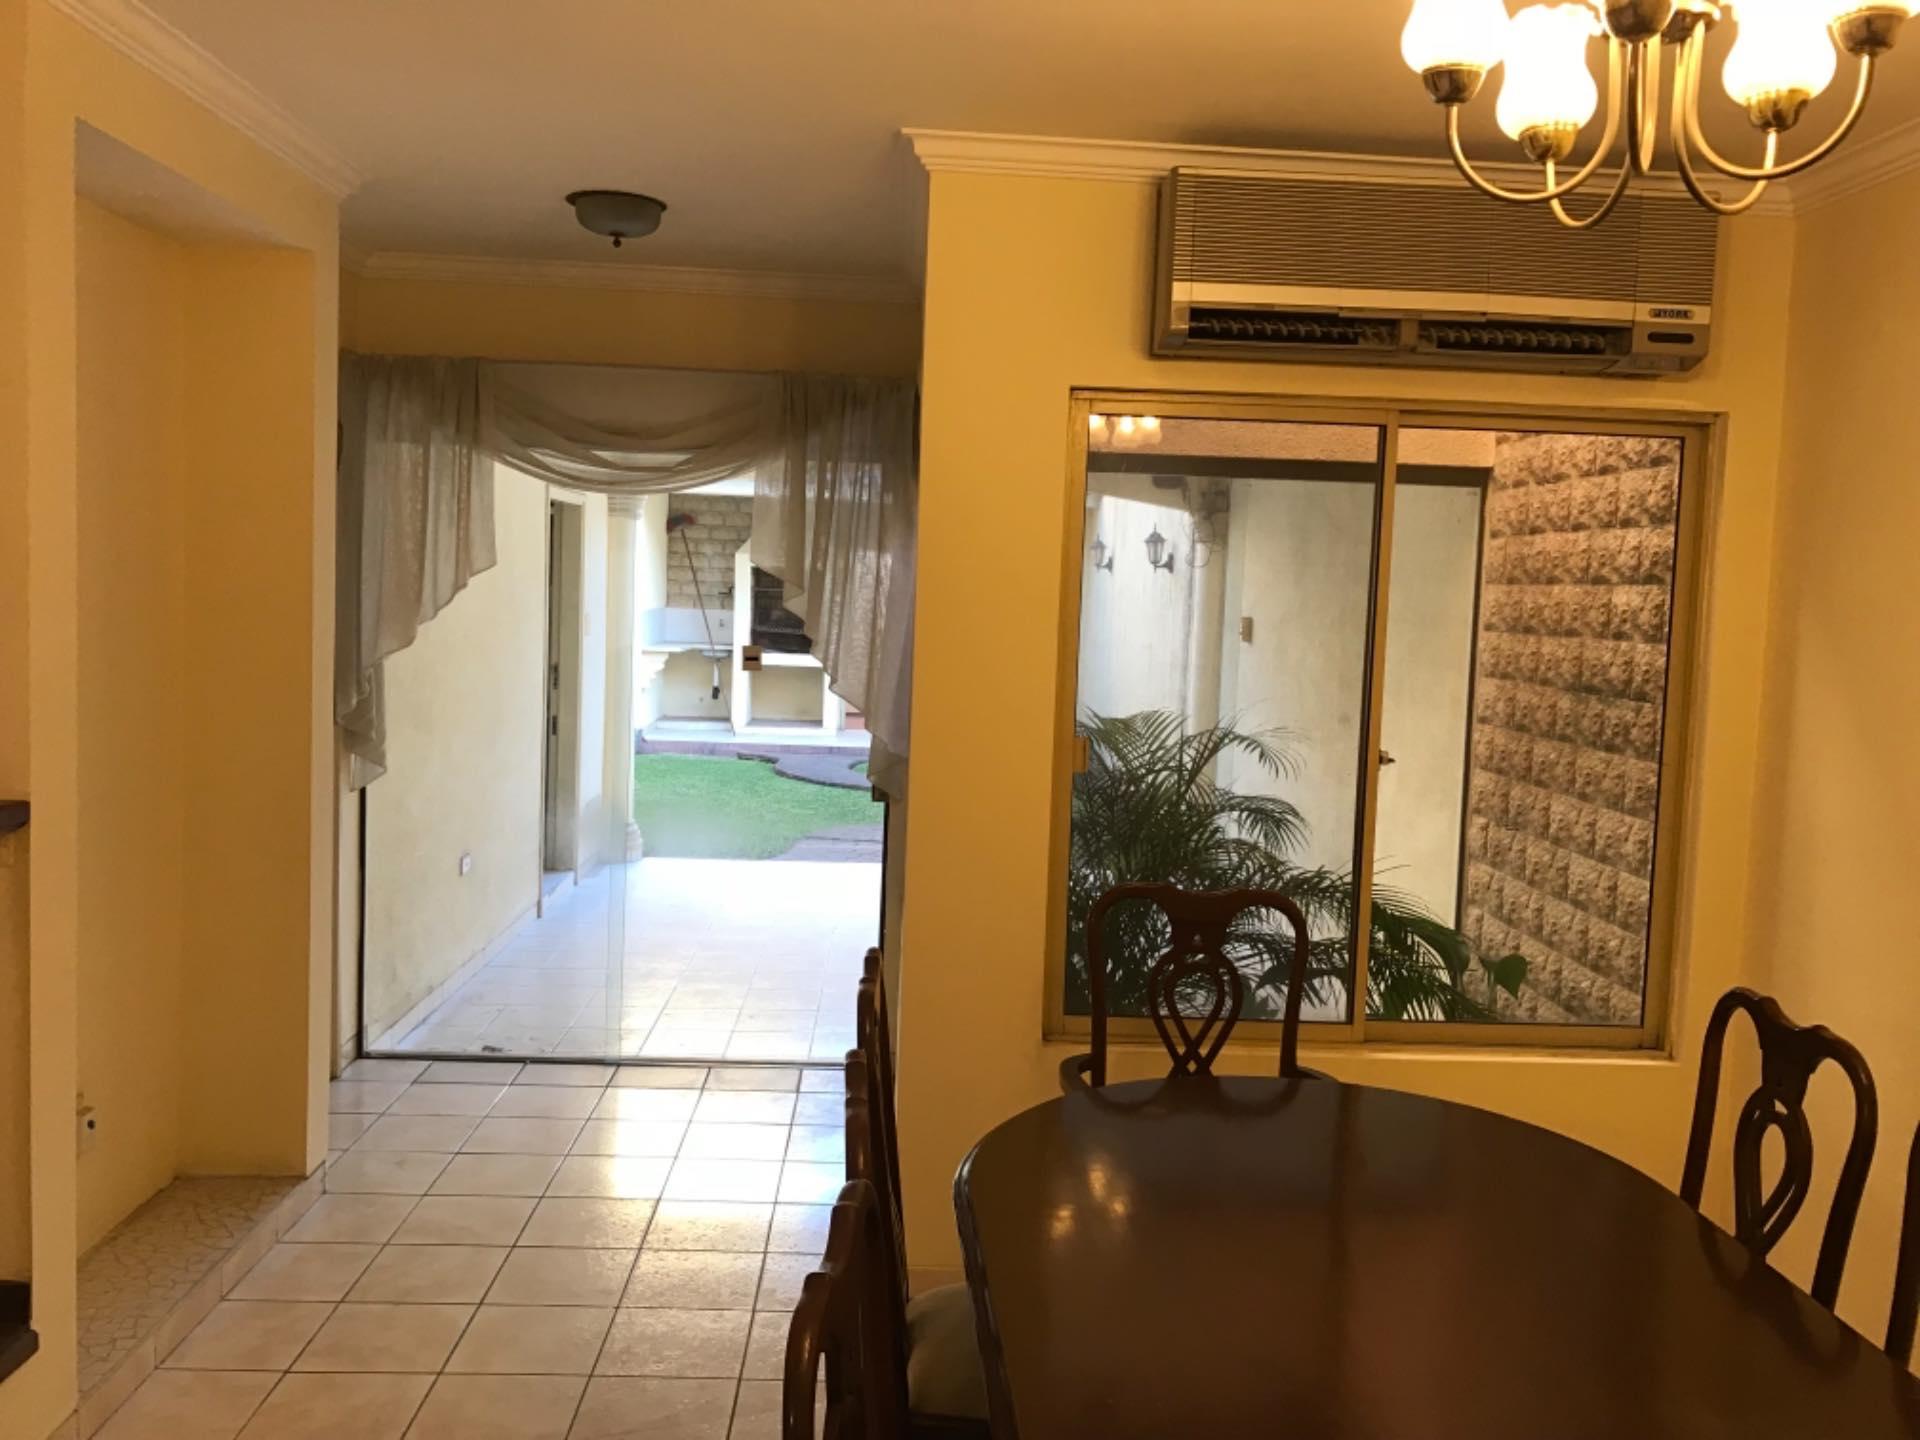 Casa en Alquiler Av. La Barranca barrio El Trompillo Alcaya #300 esq. Zoilo flores  Foto 5